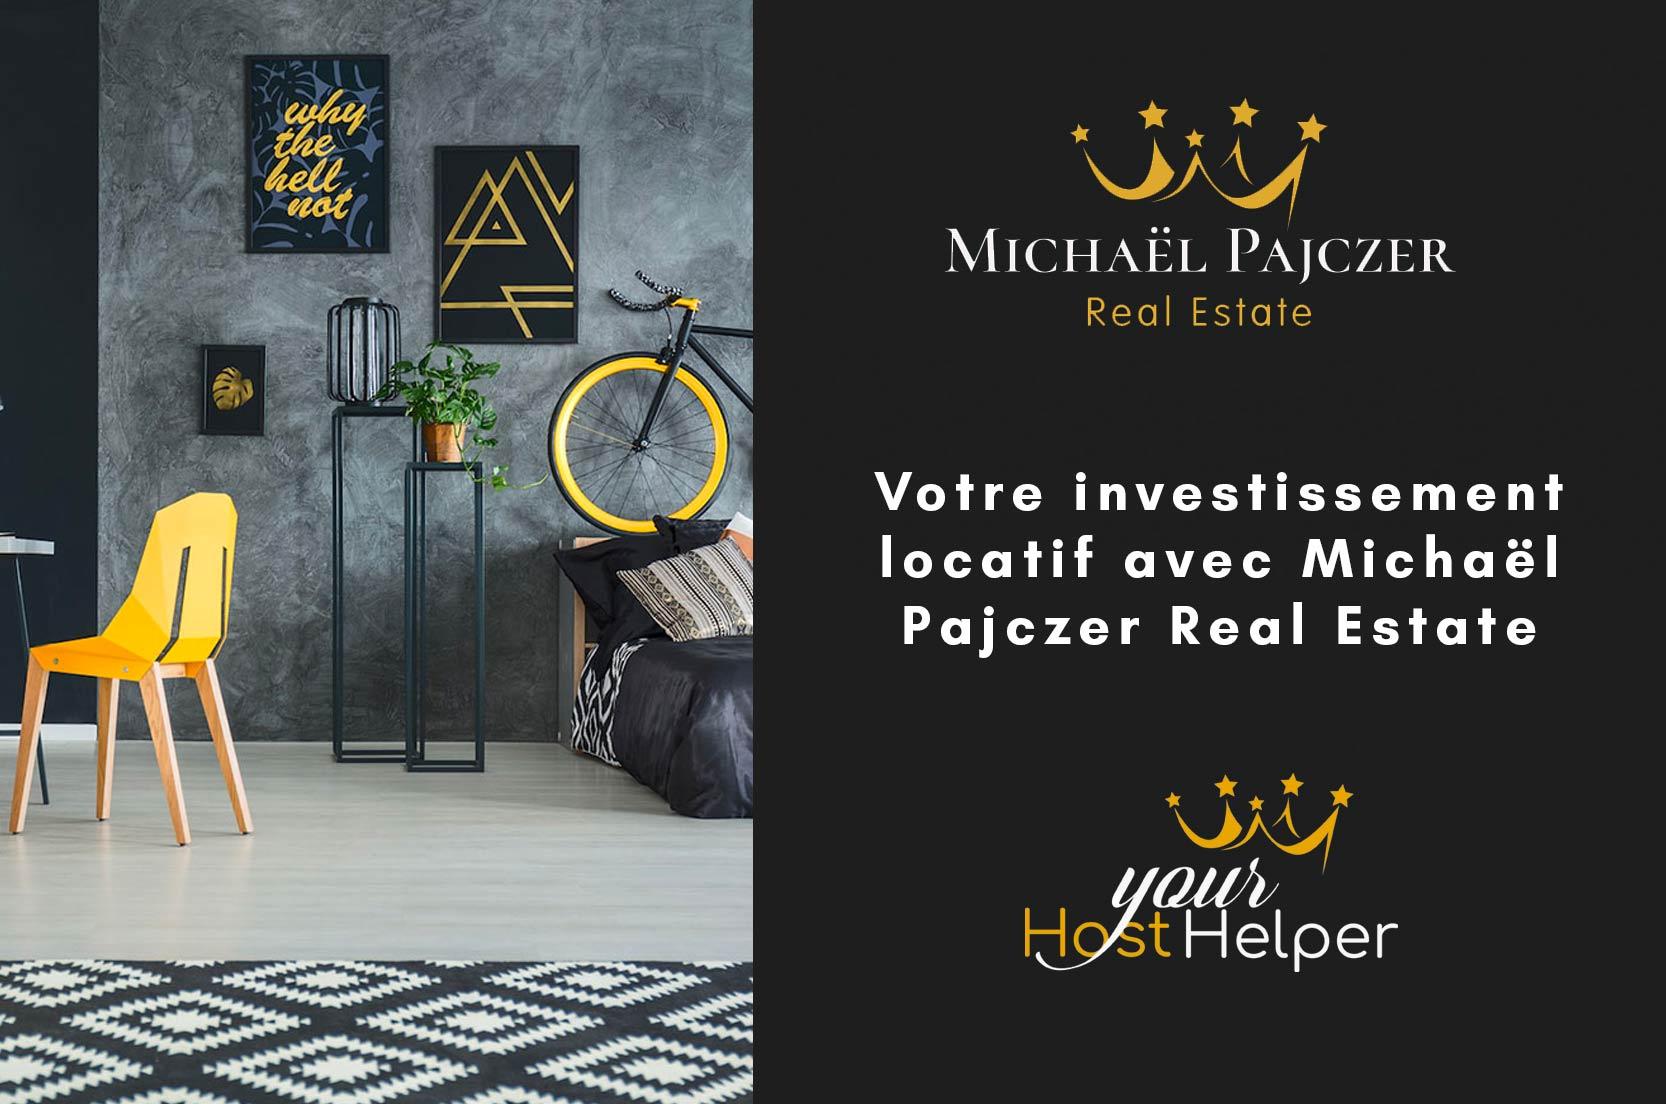 Votre investissement locatif avec Michaël Pajczer Real Estate